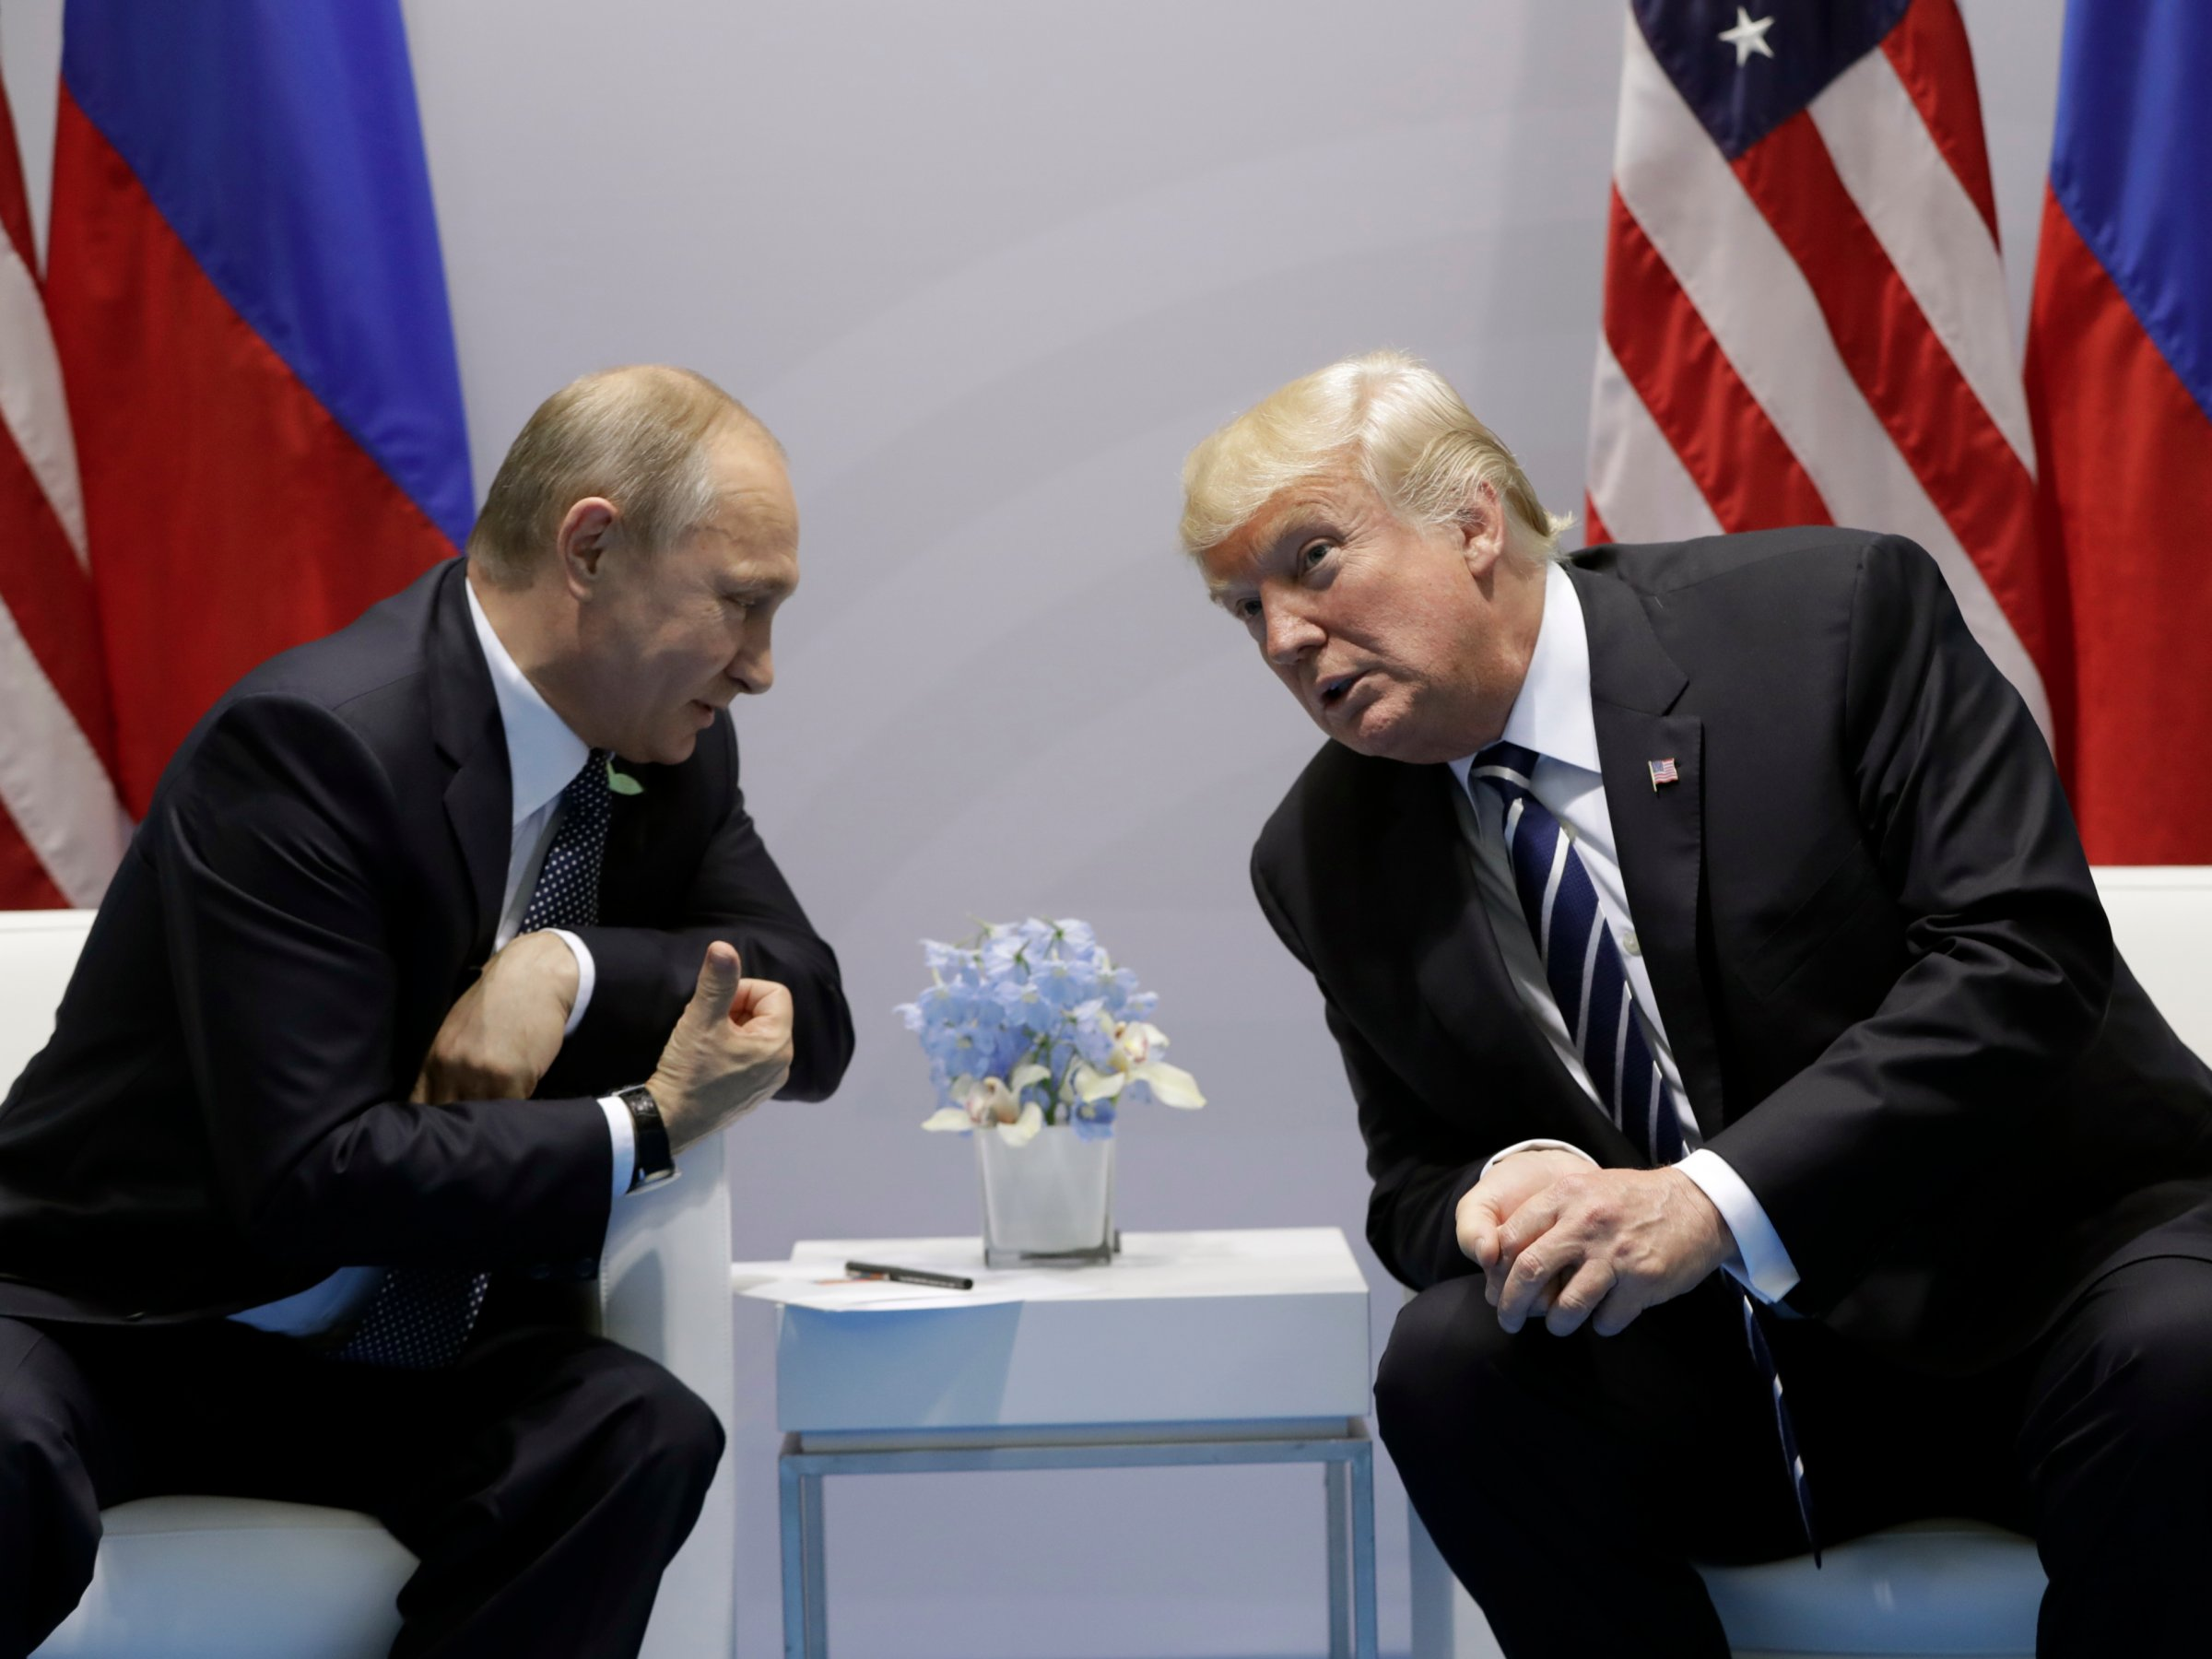 Трамп и Путин нашли общий язык. Фото: ap.com